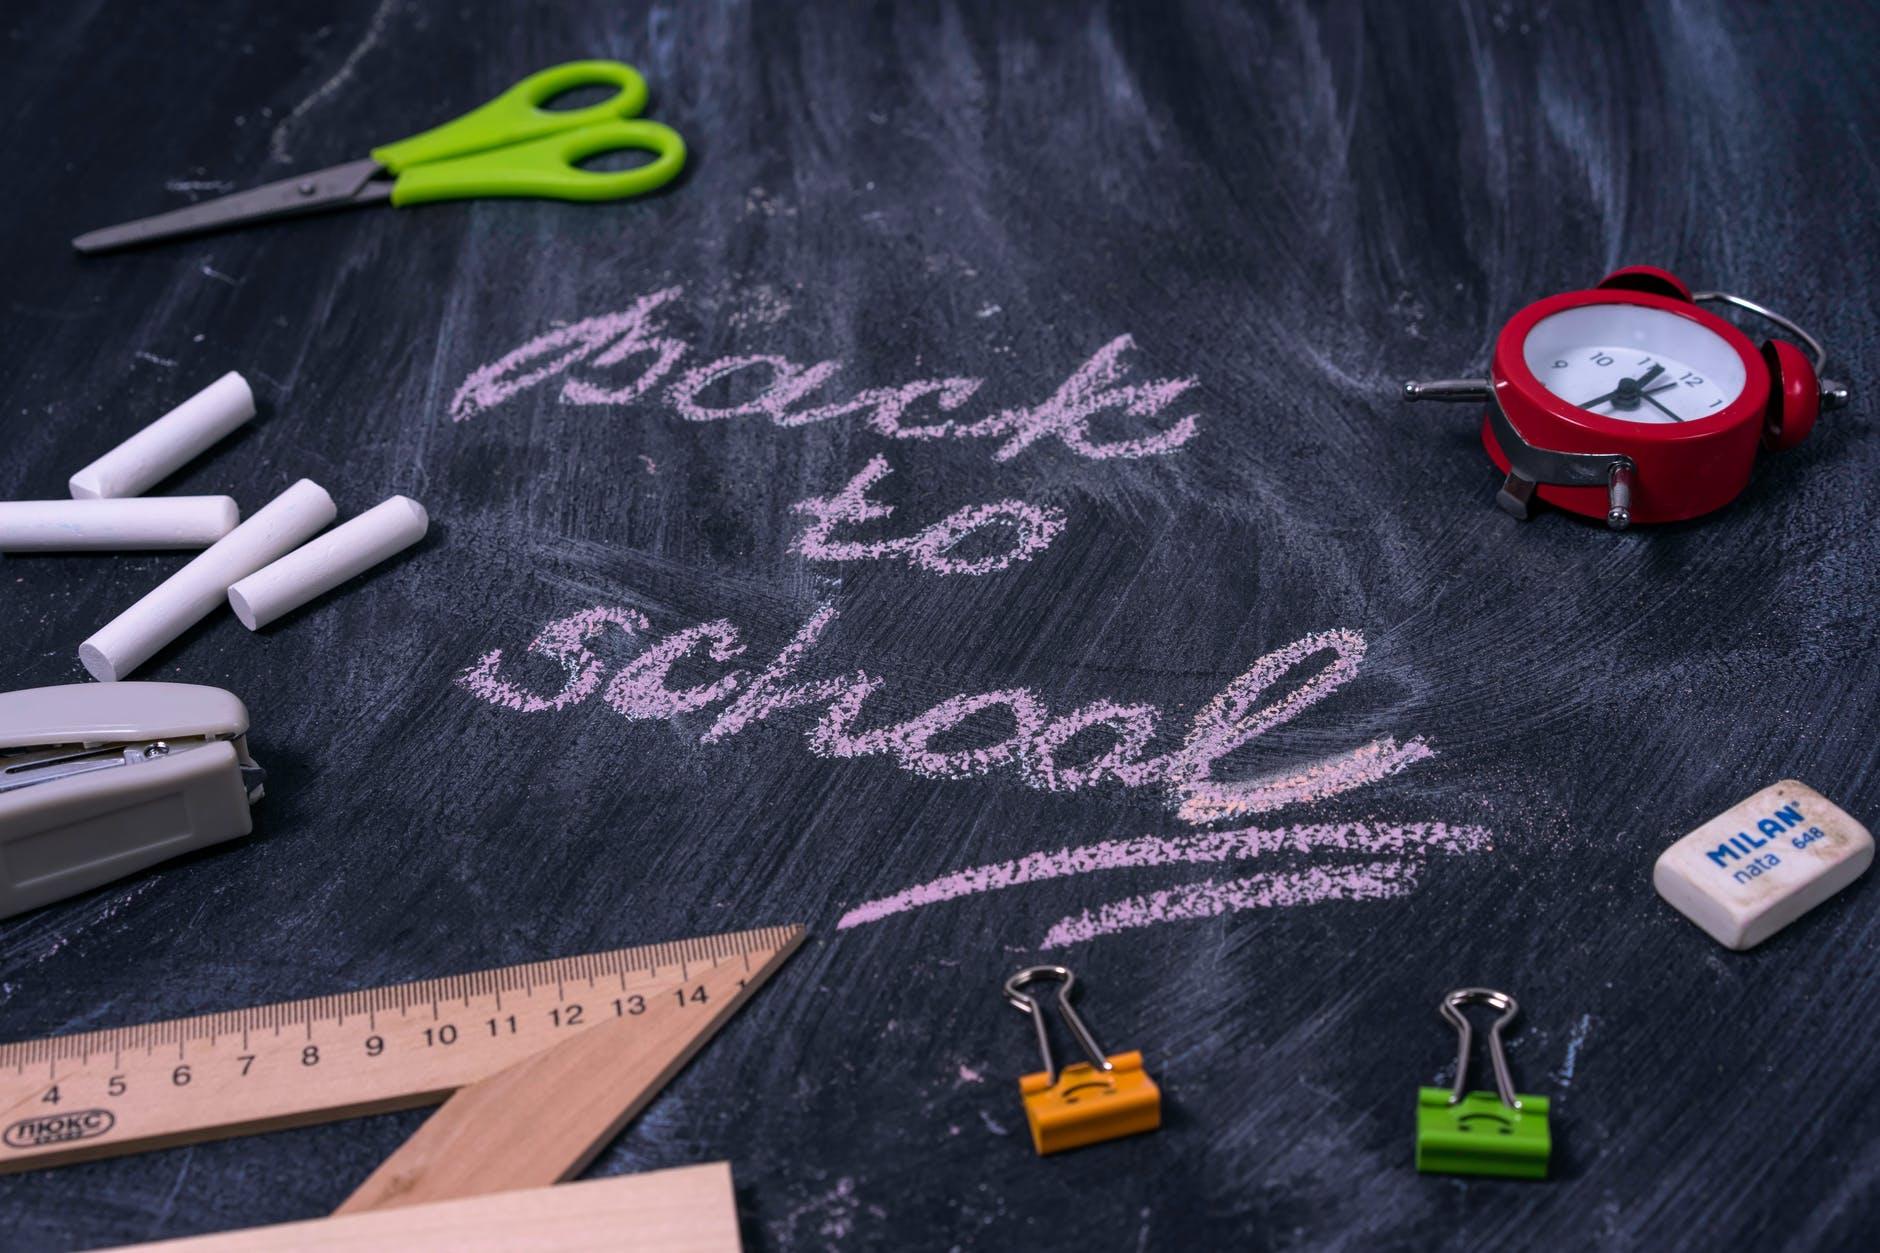 Școlile din Slobozia și Urziceni trec în scenariul verde. Când se vor întoarce toți elevii în clase?